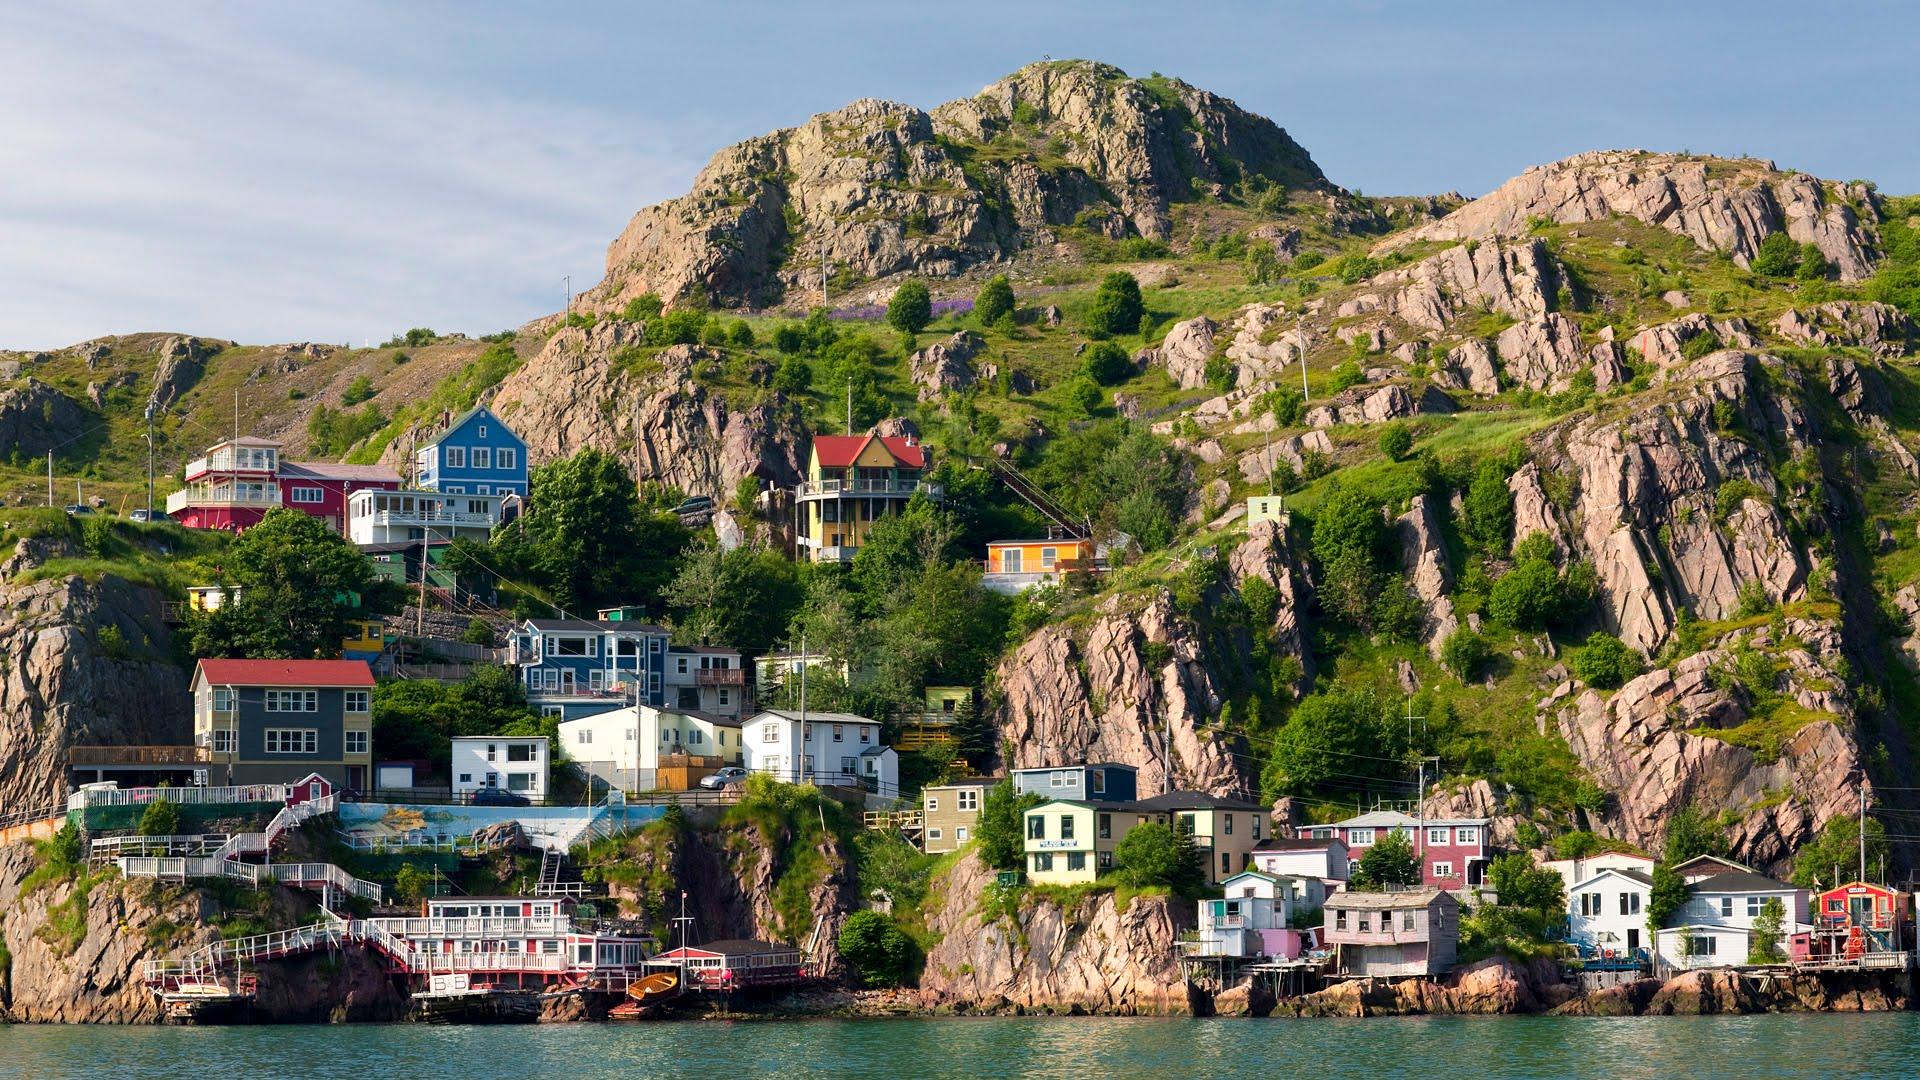 Newfoundland And Labrador Canada Wallpapers High Quality 1920x1080